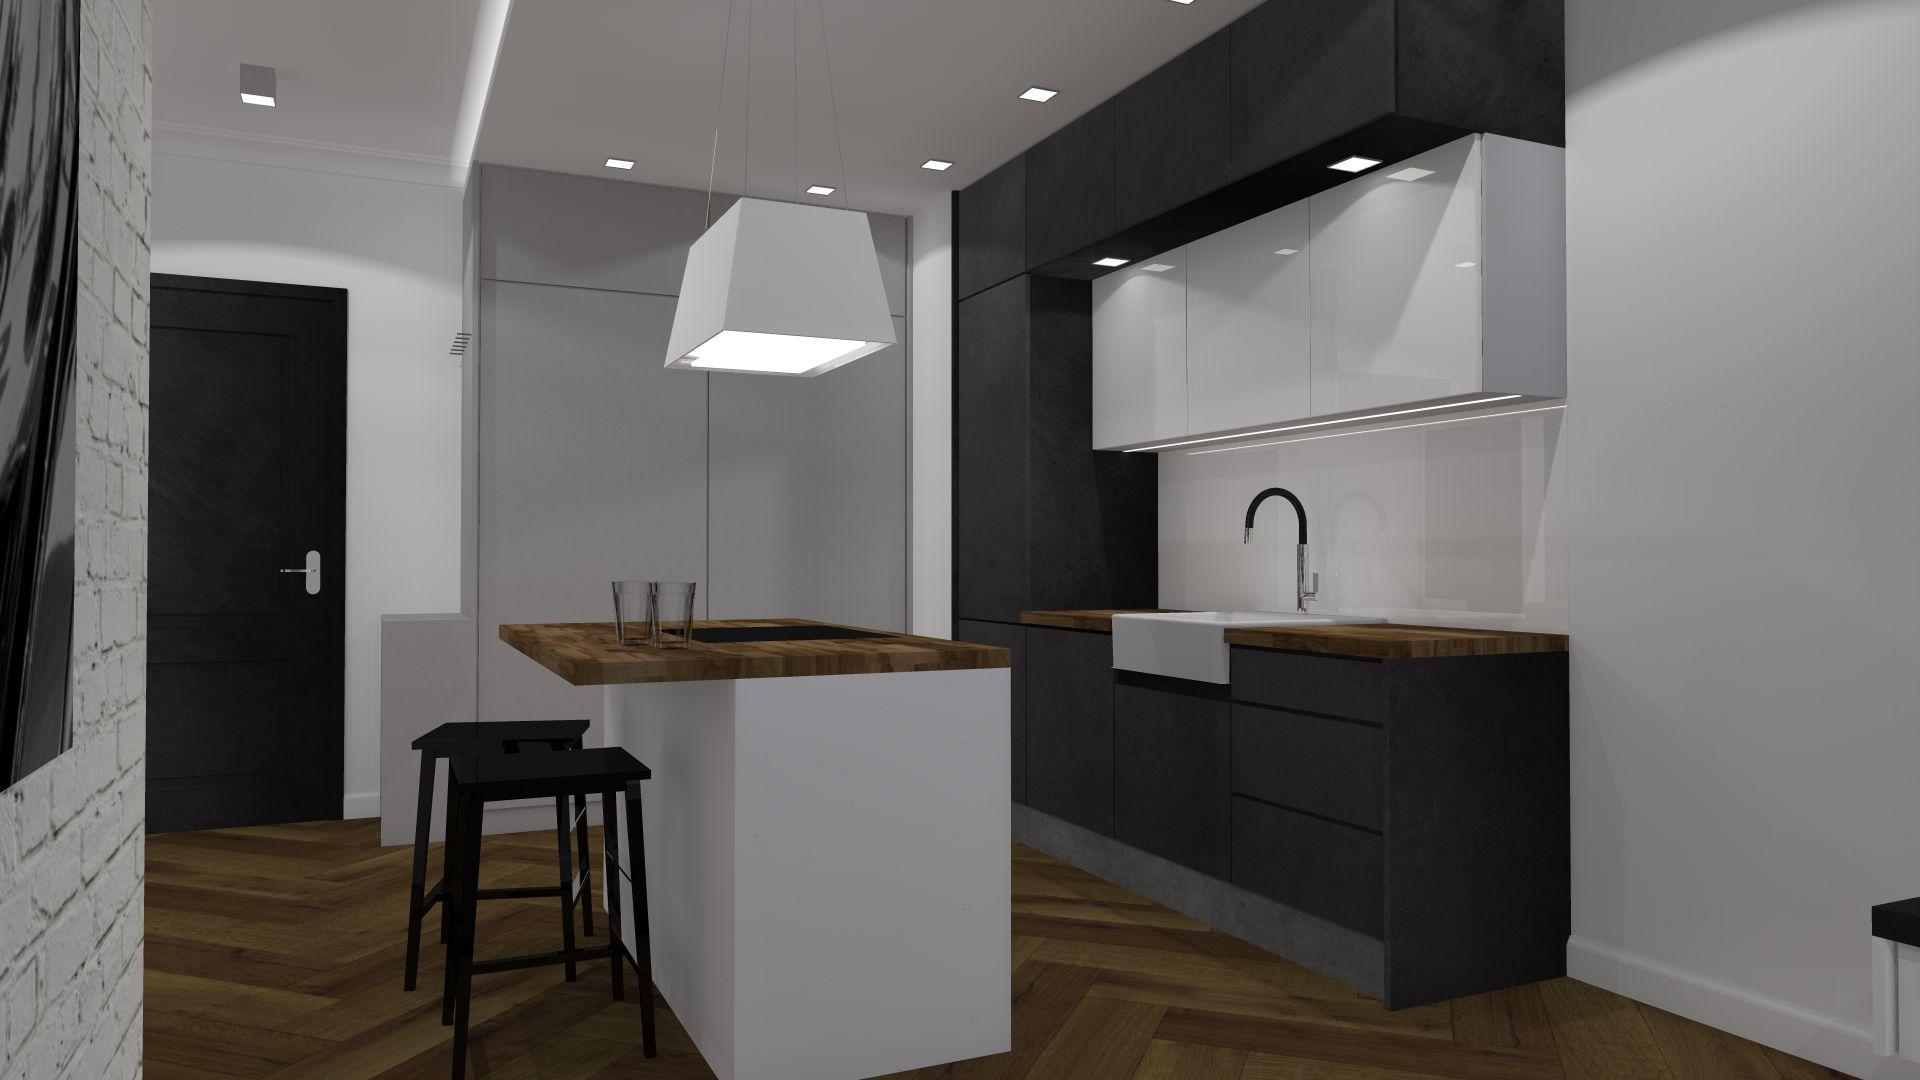 II kuchnia 2 wercja B.jpg